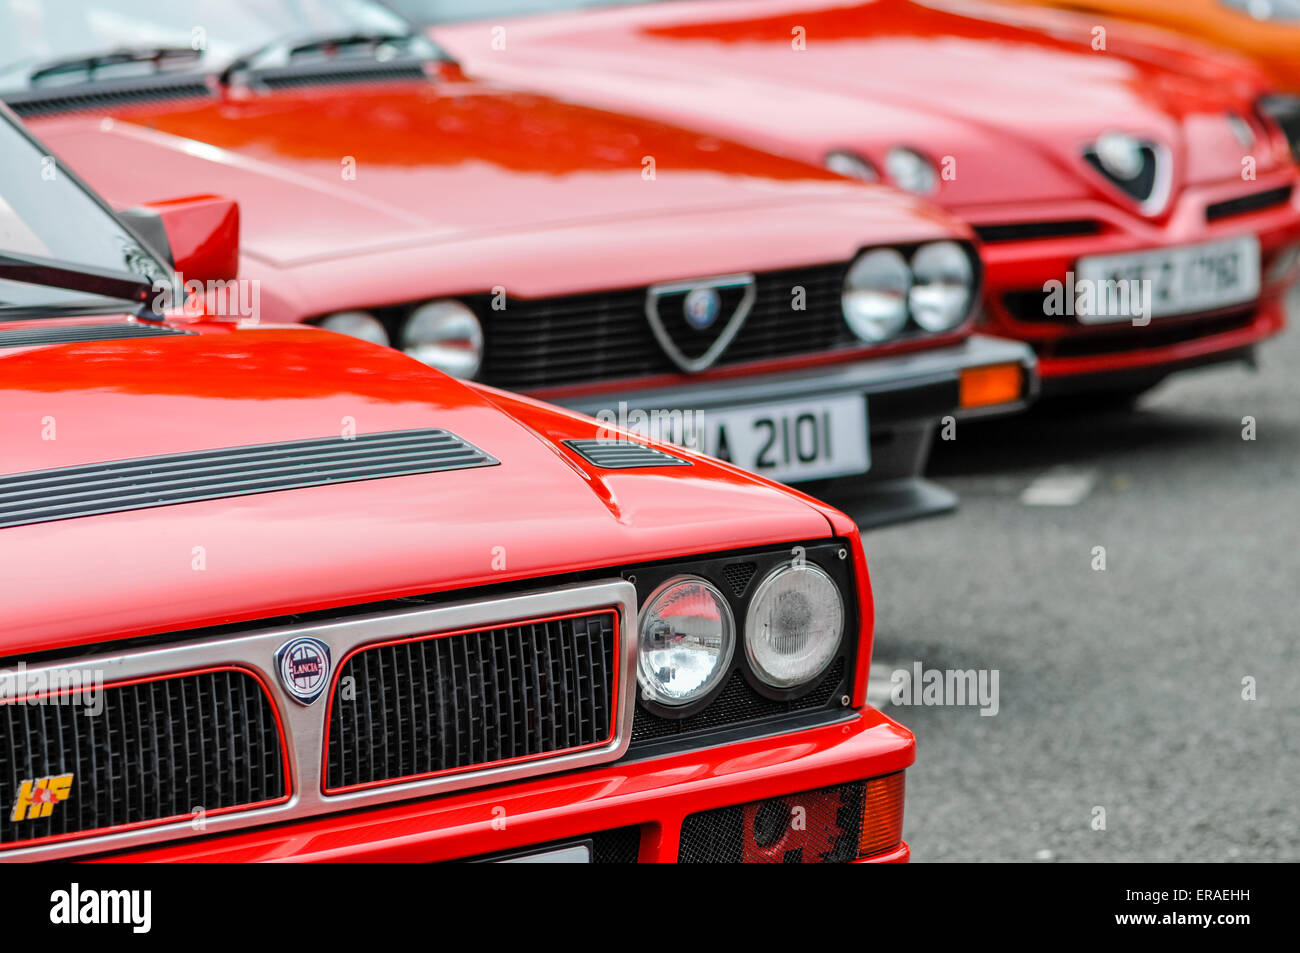 Eine Reihe von Lancia und Alfa Romeo Autos. Stockbild